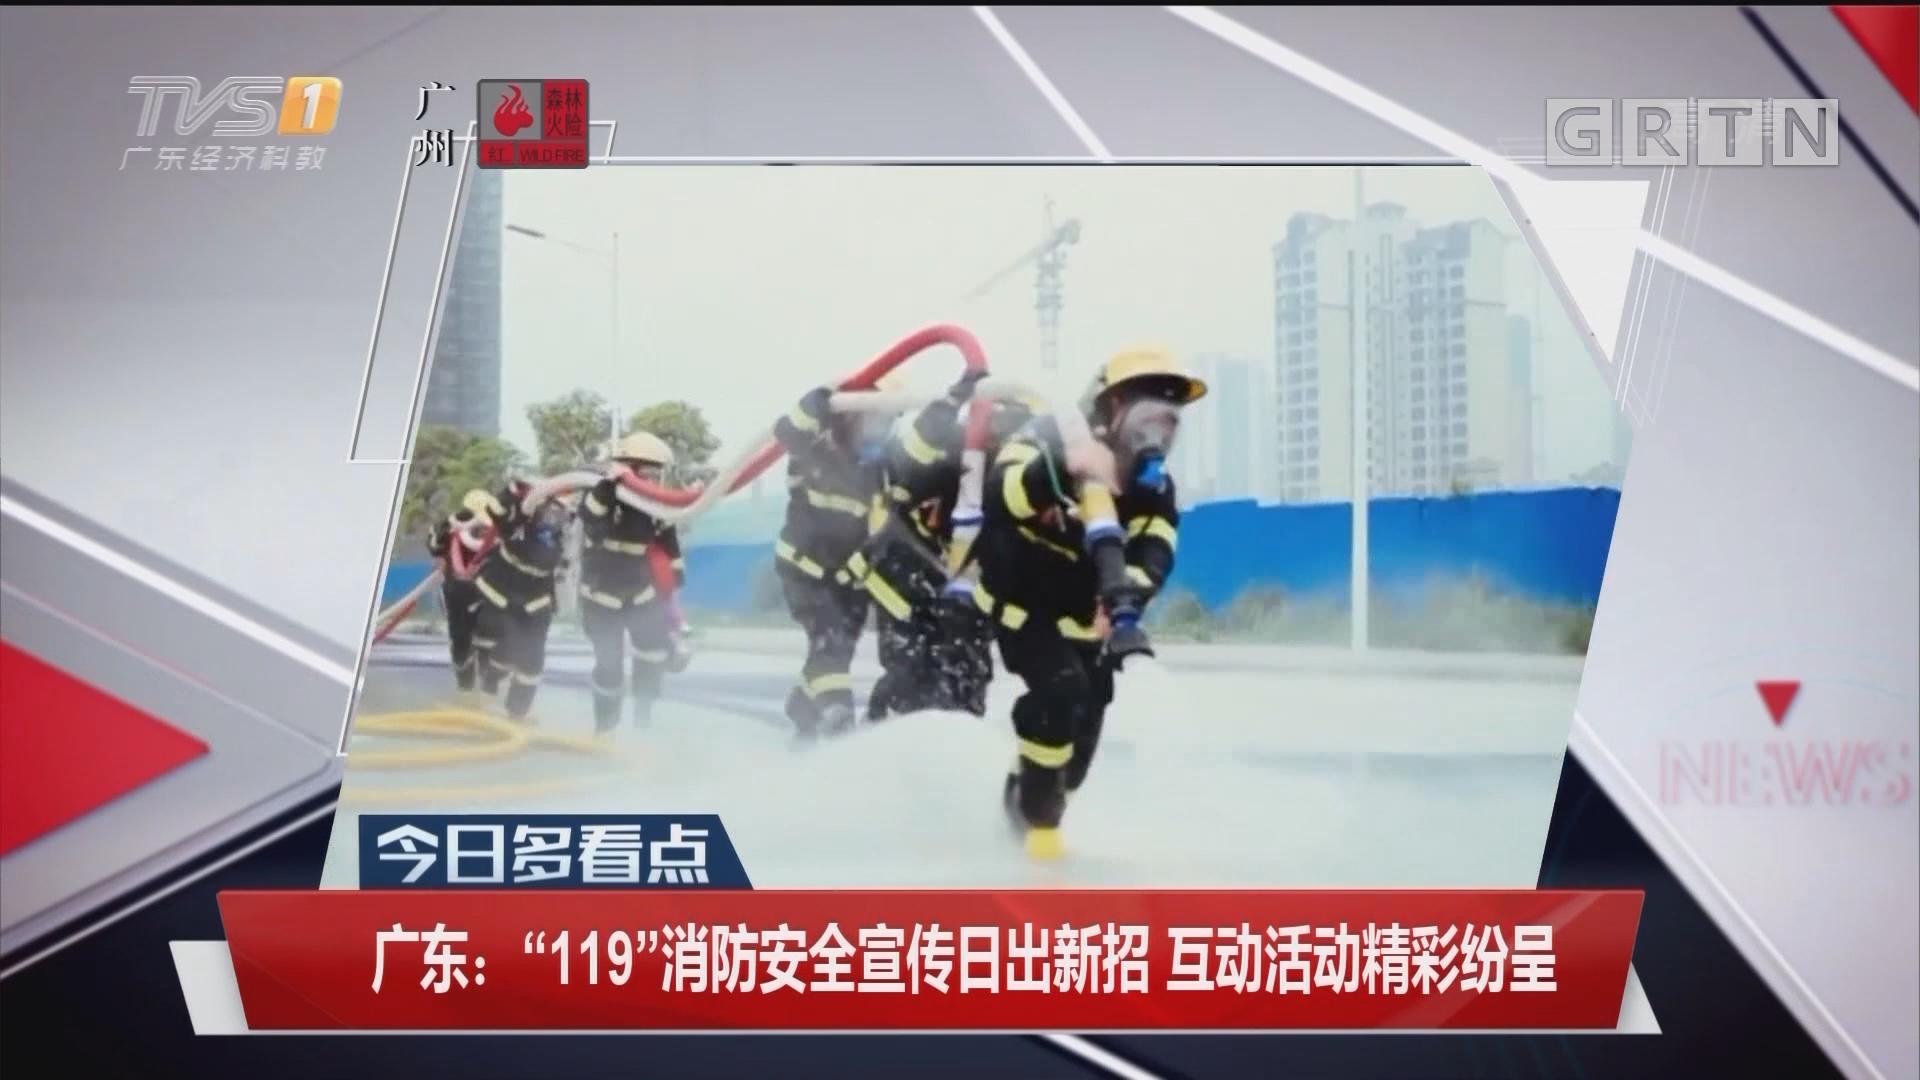 """广东:""""119""""消防安全宣传日出新招 互动活动精彩纷呈"""